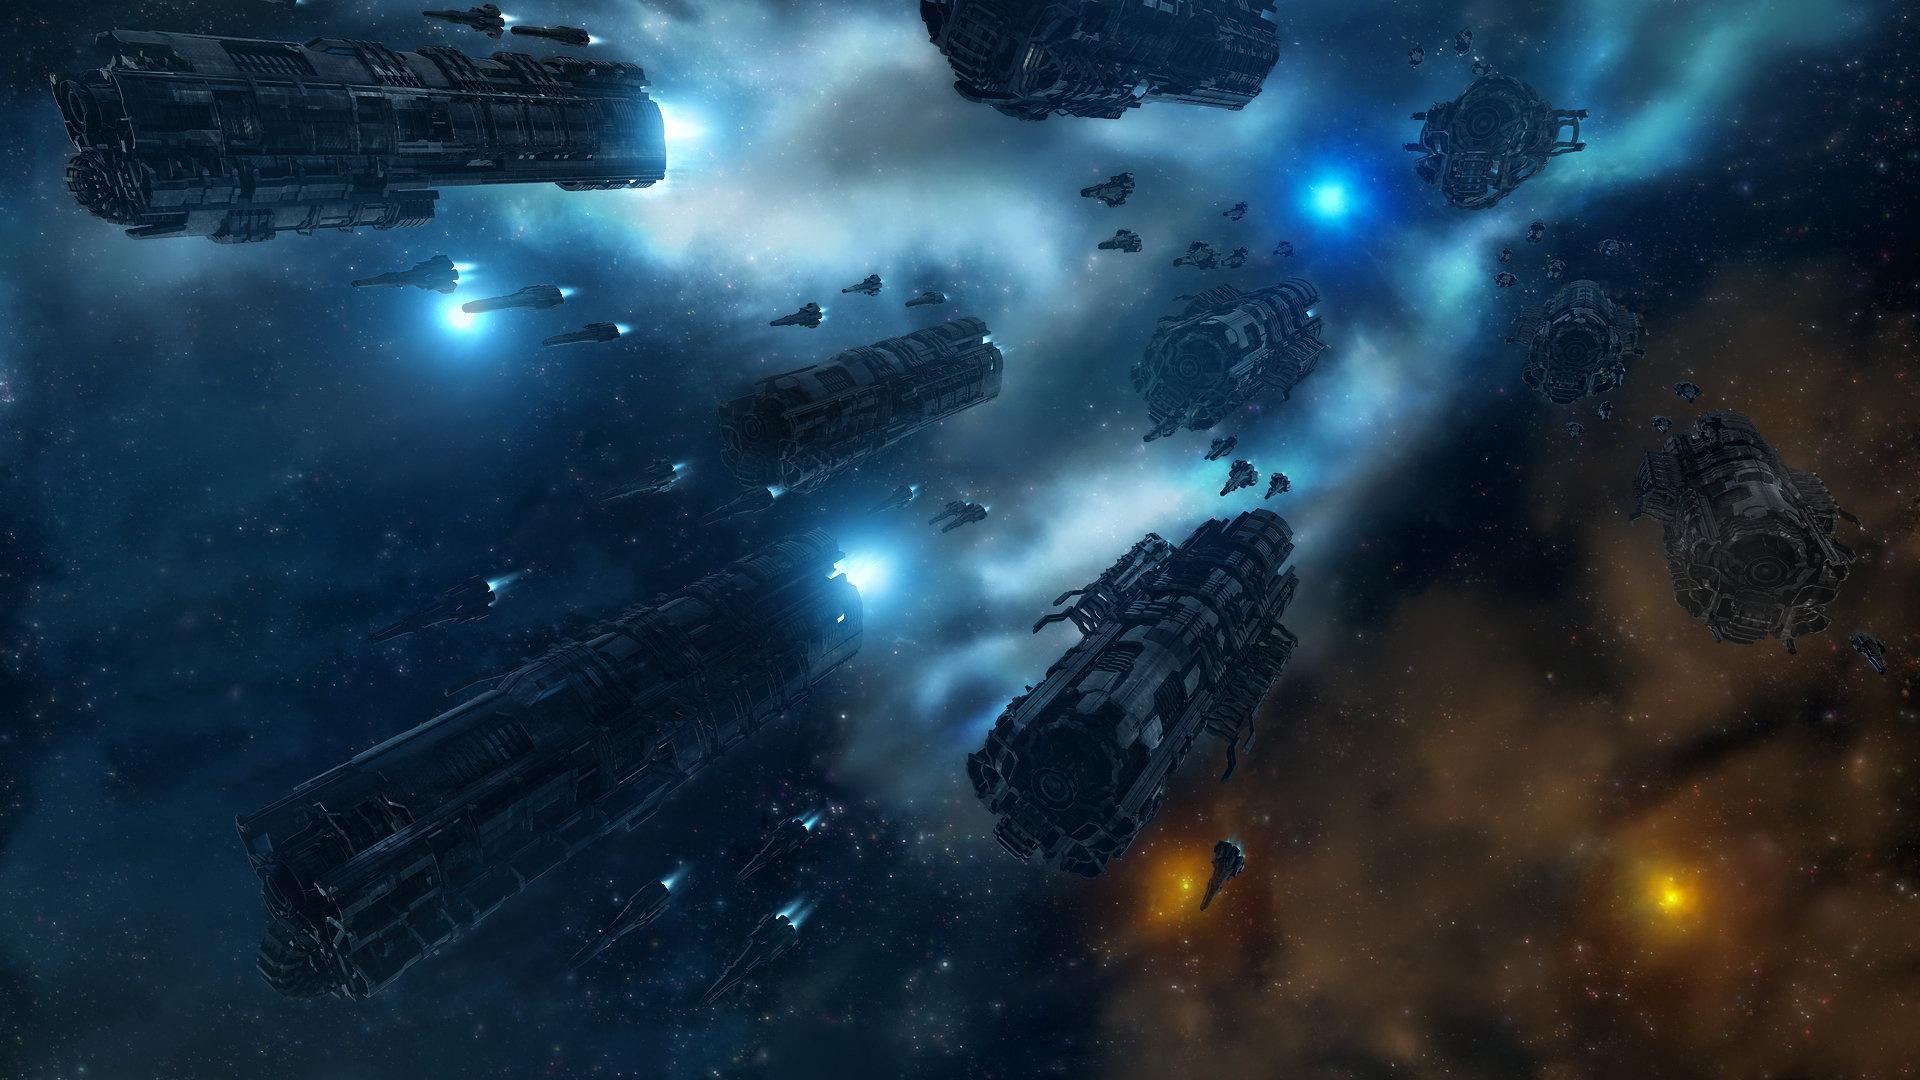 Space War Wallpaper